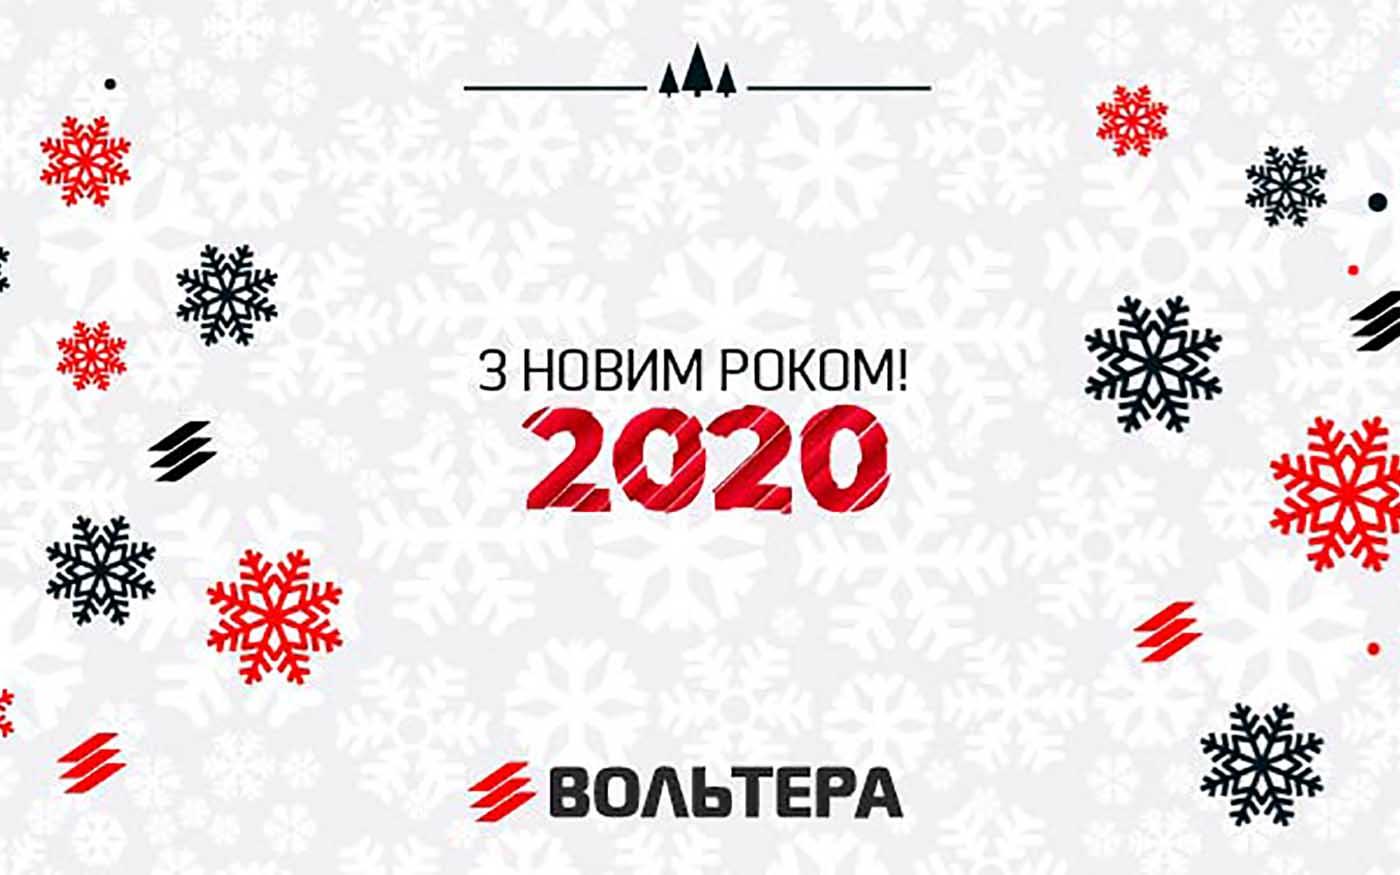 З Новым роком 2020!